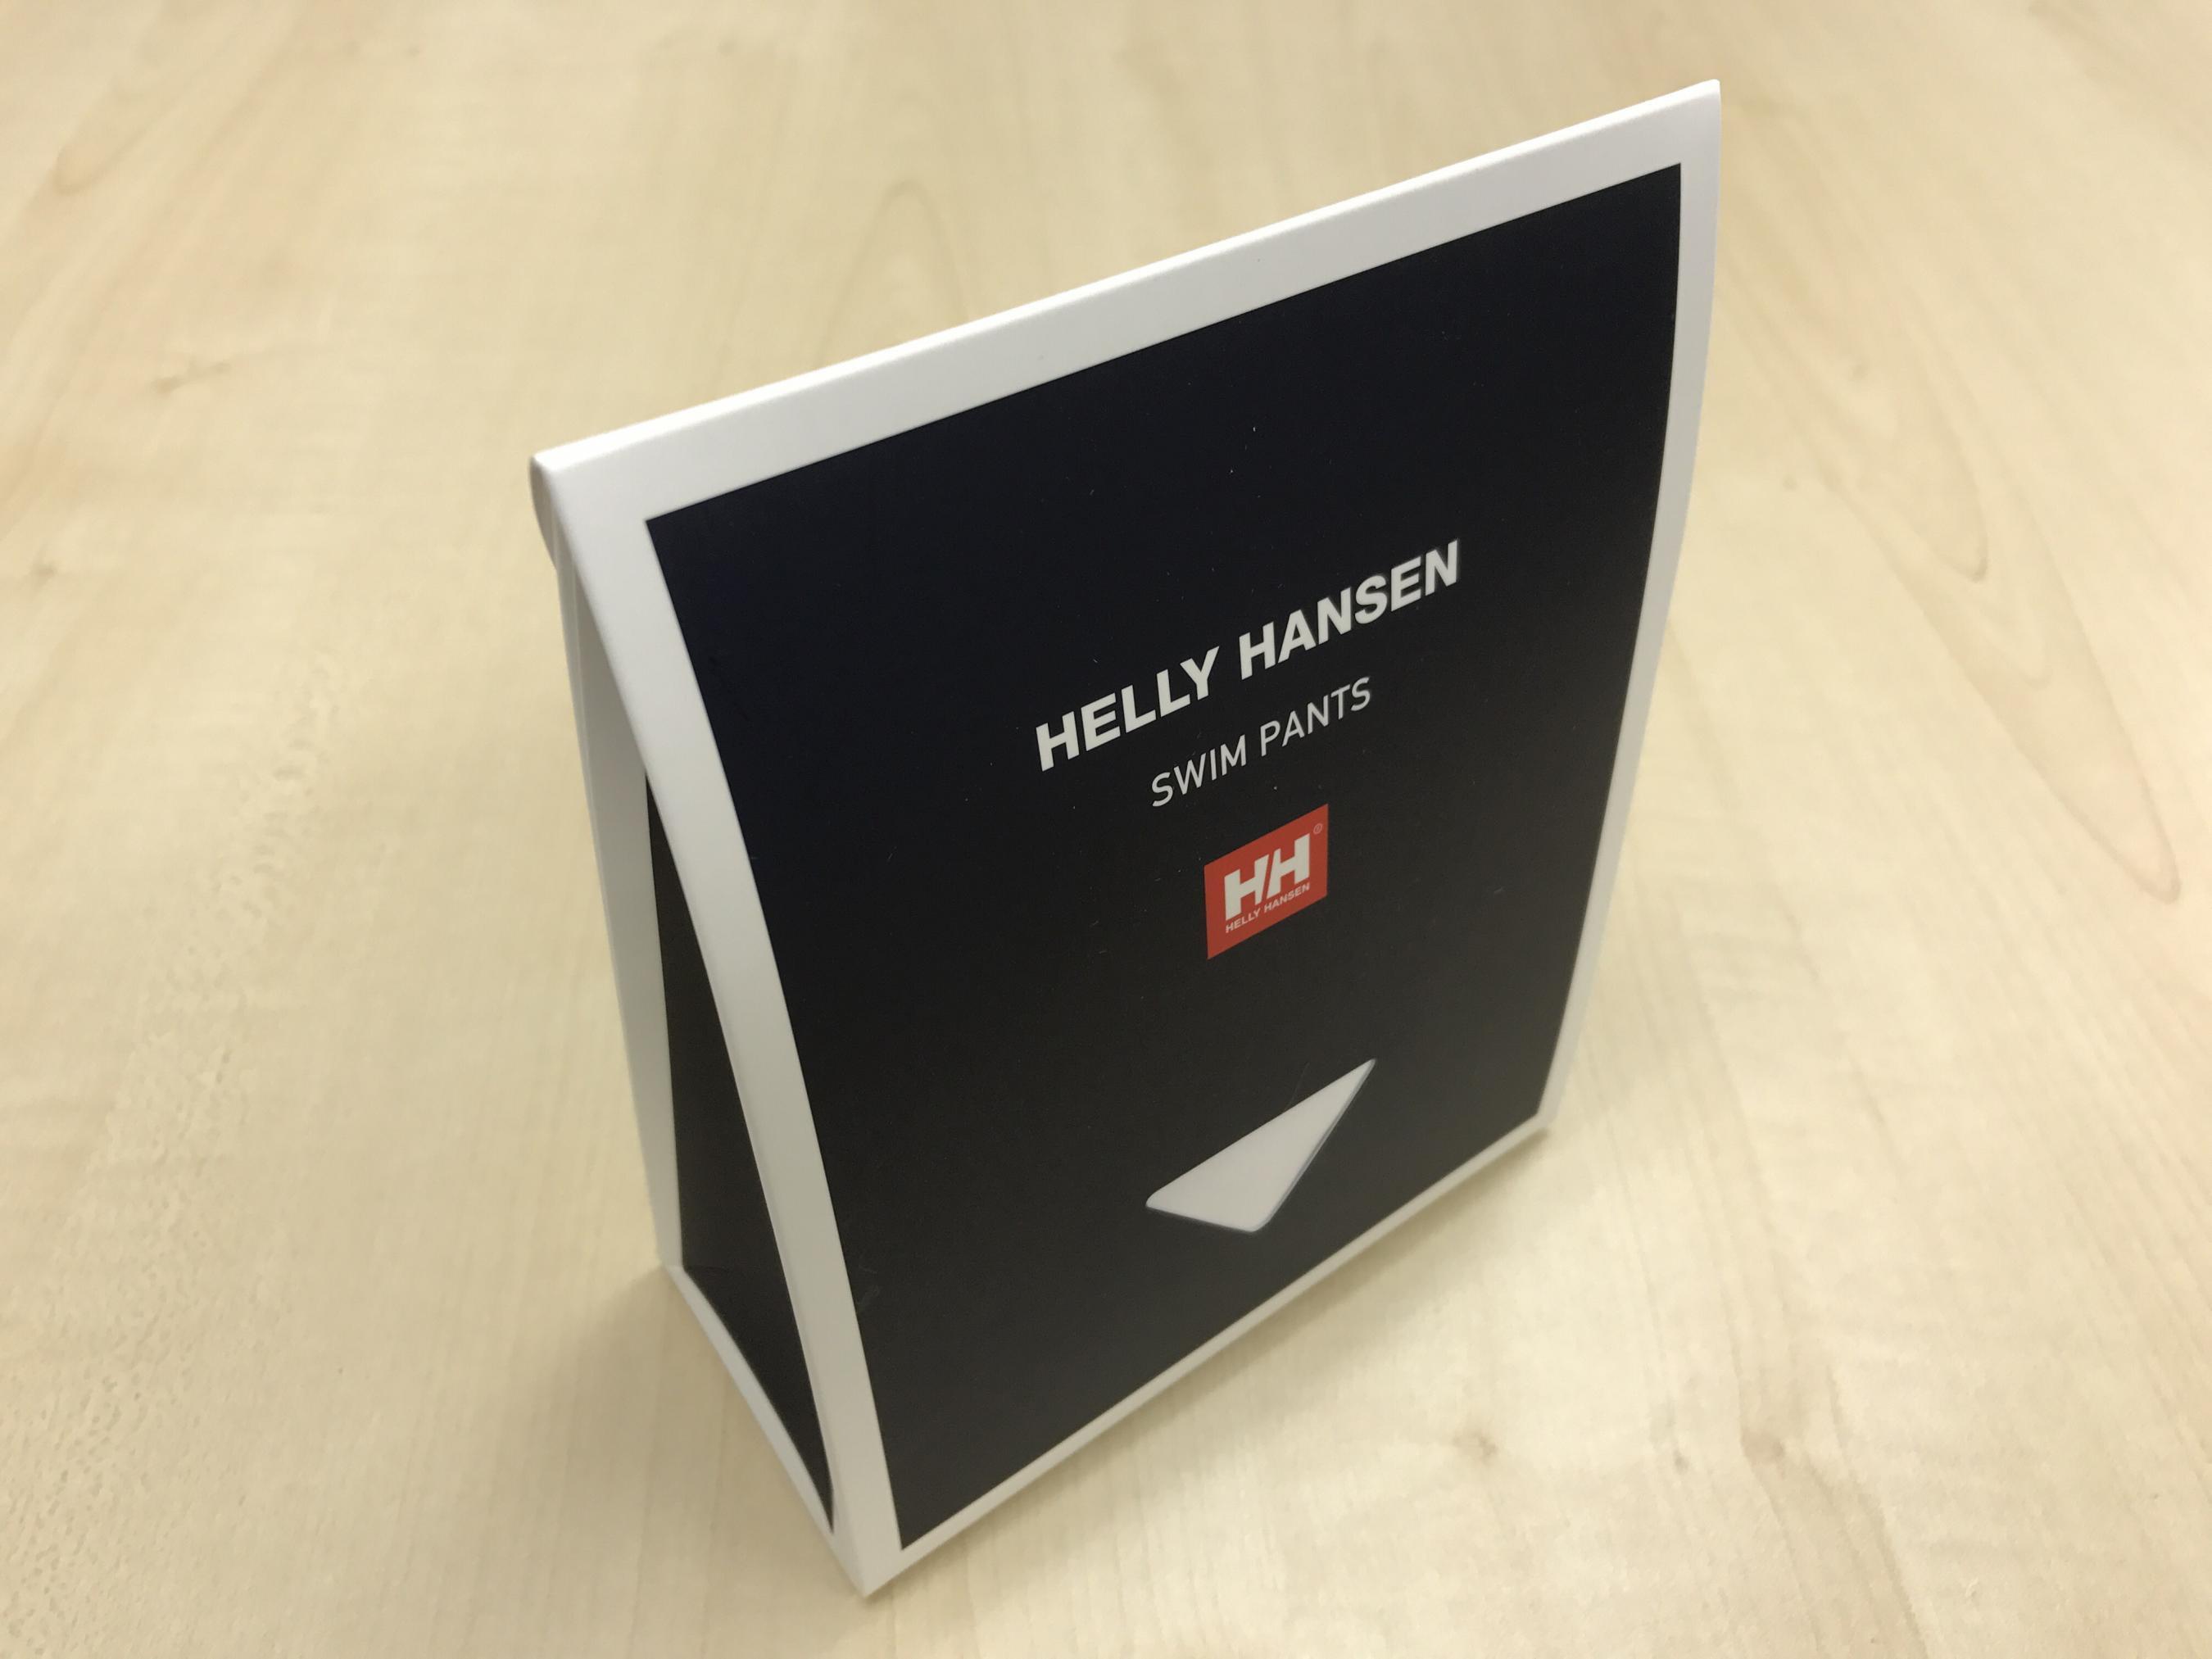 HH71711 (K)